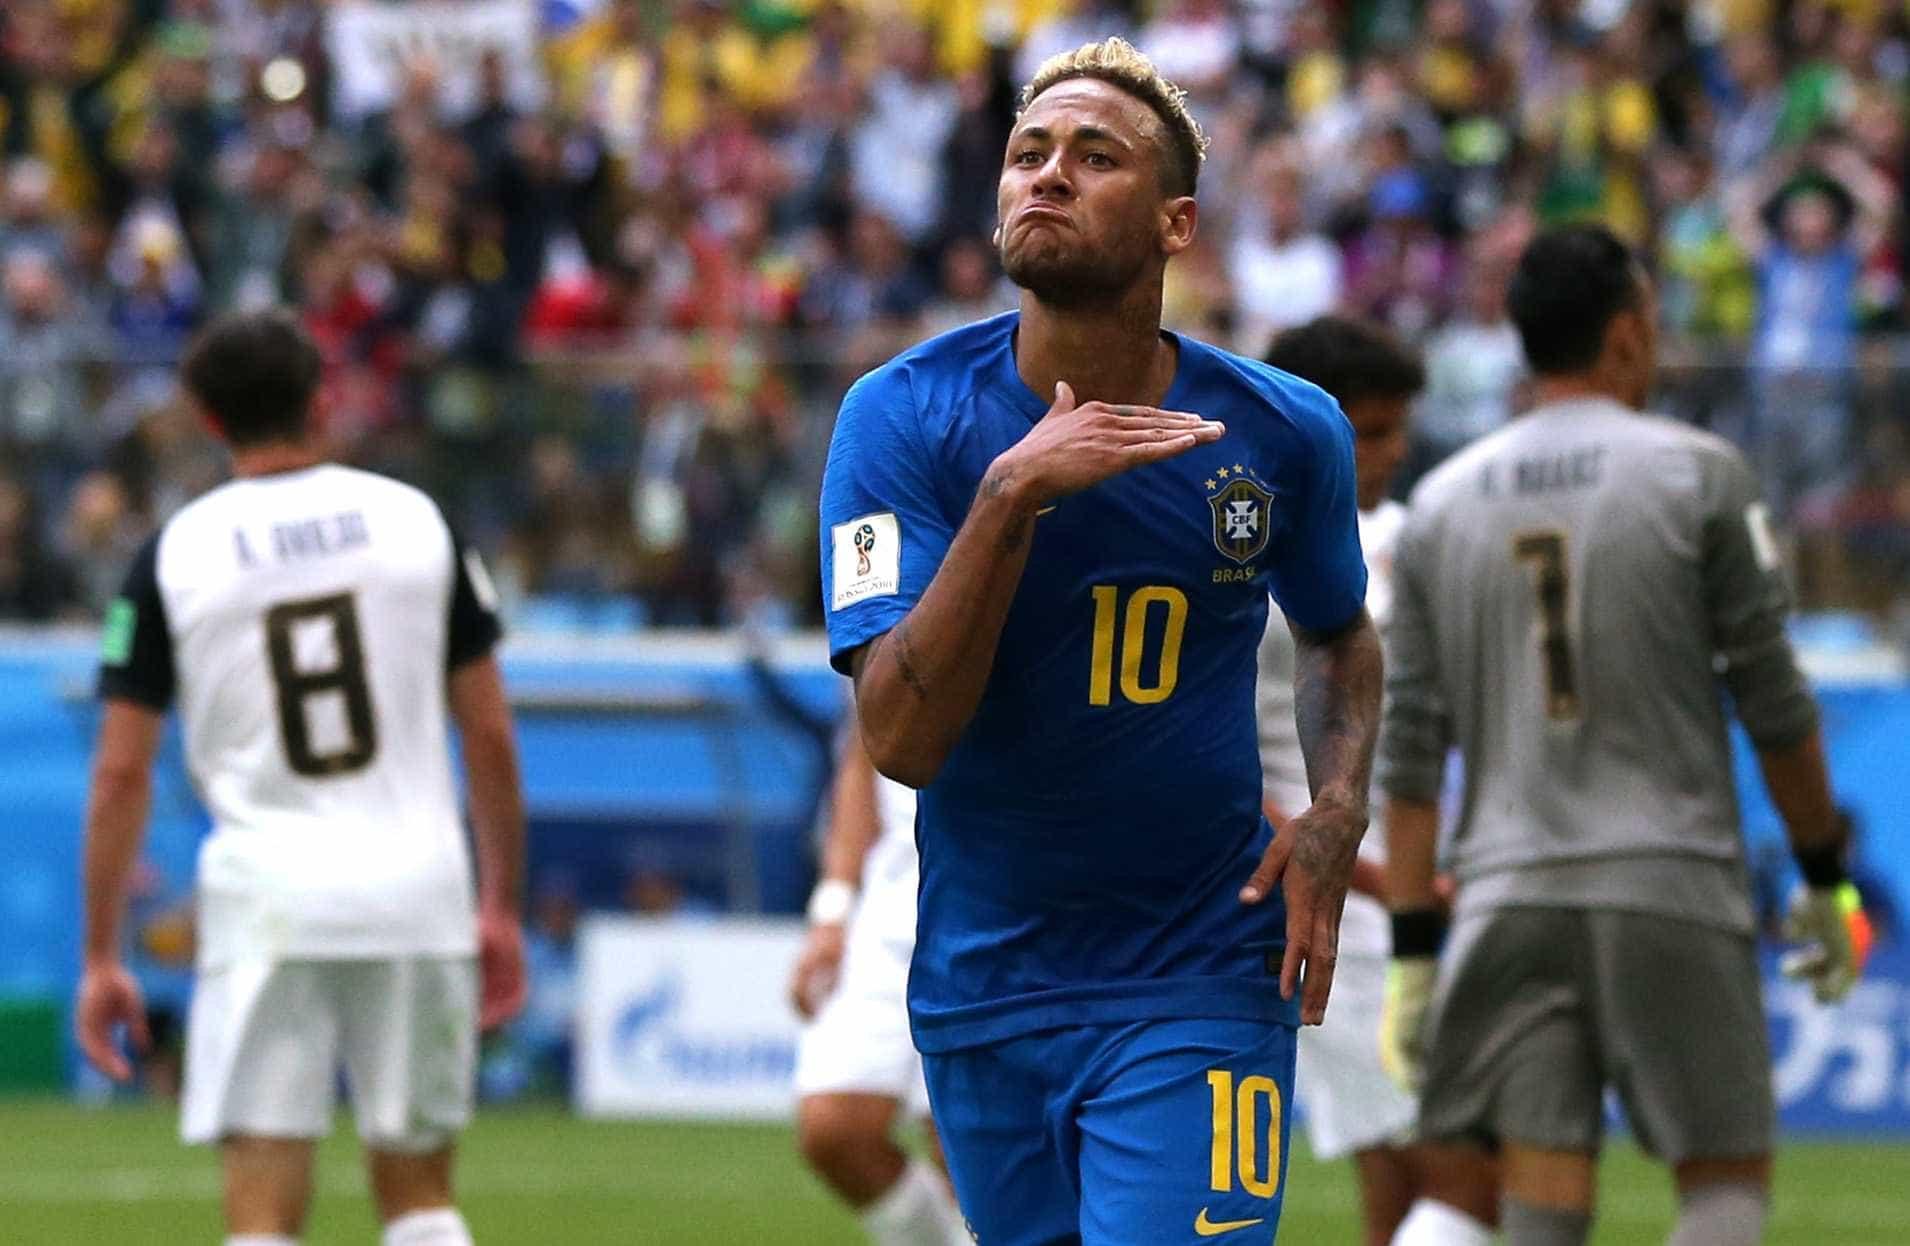 Recado para alguém? Neymar comemora gol com gesto 'ceifador'